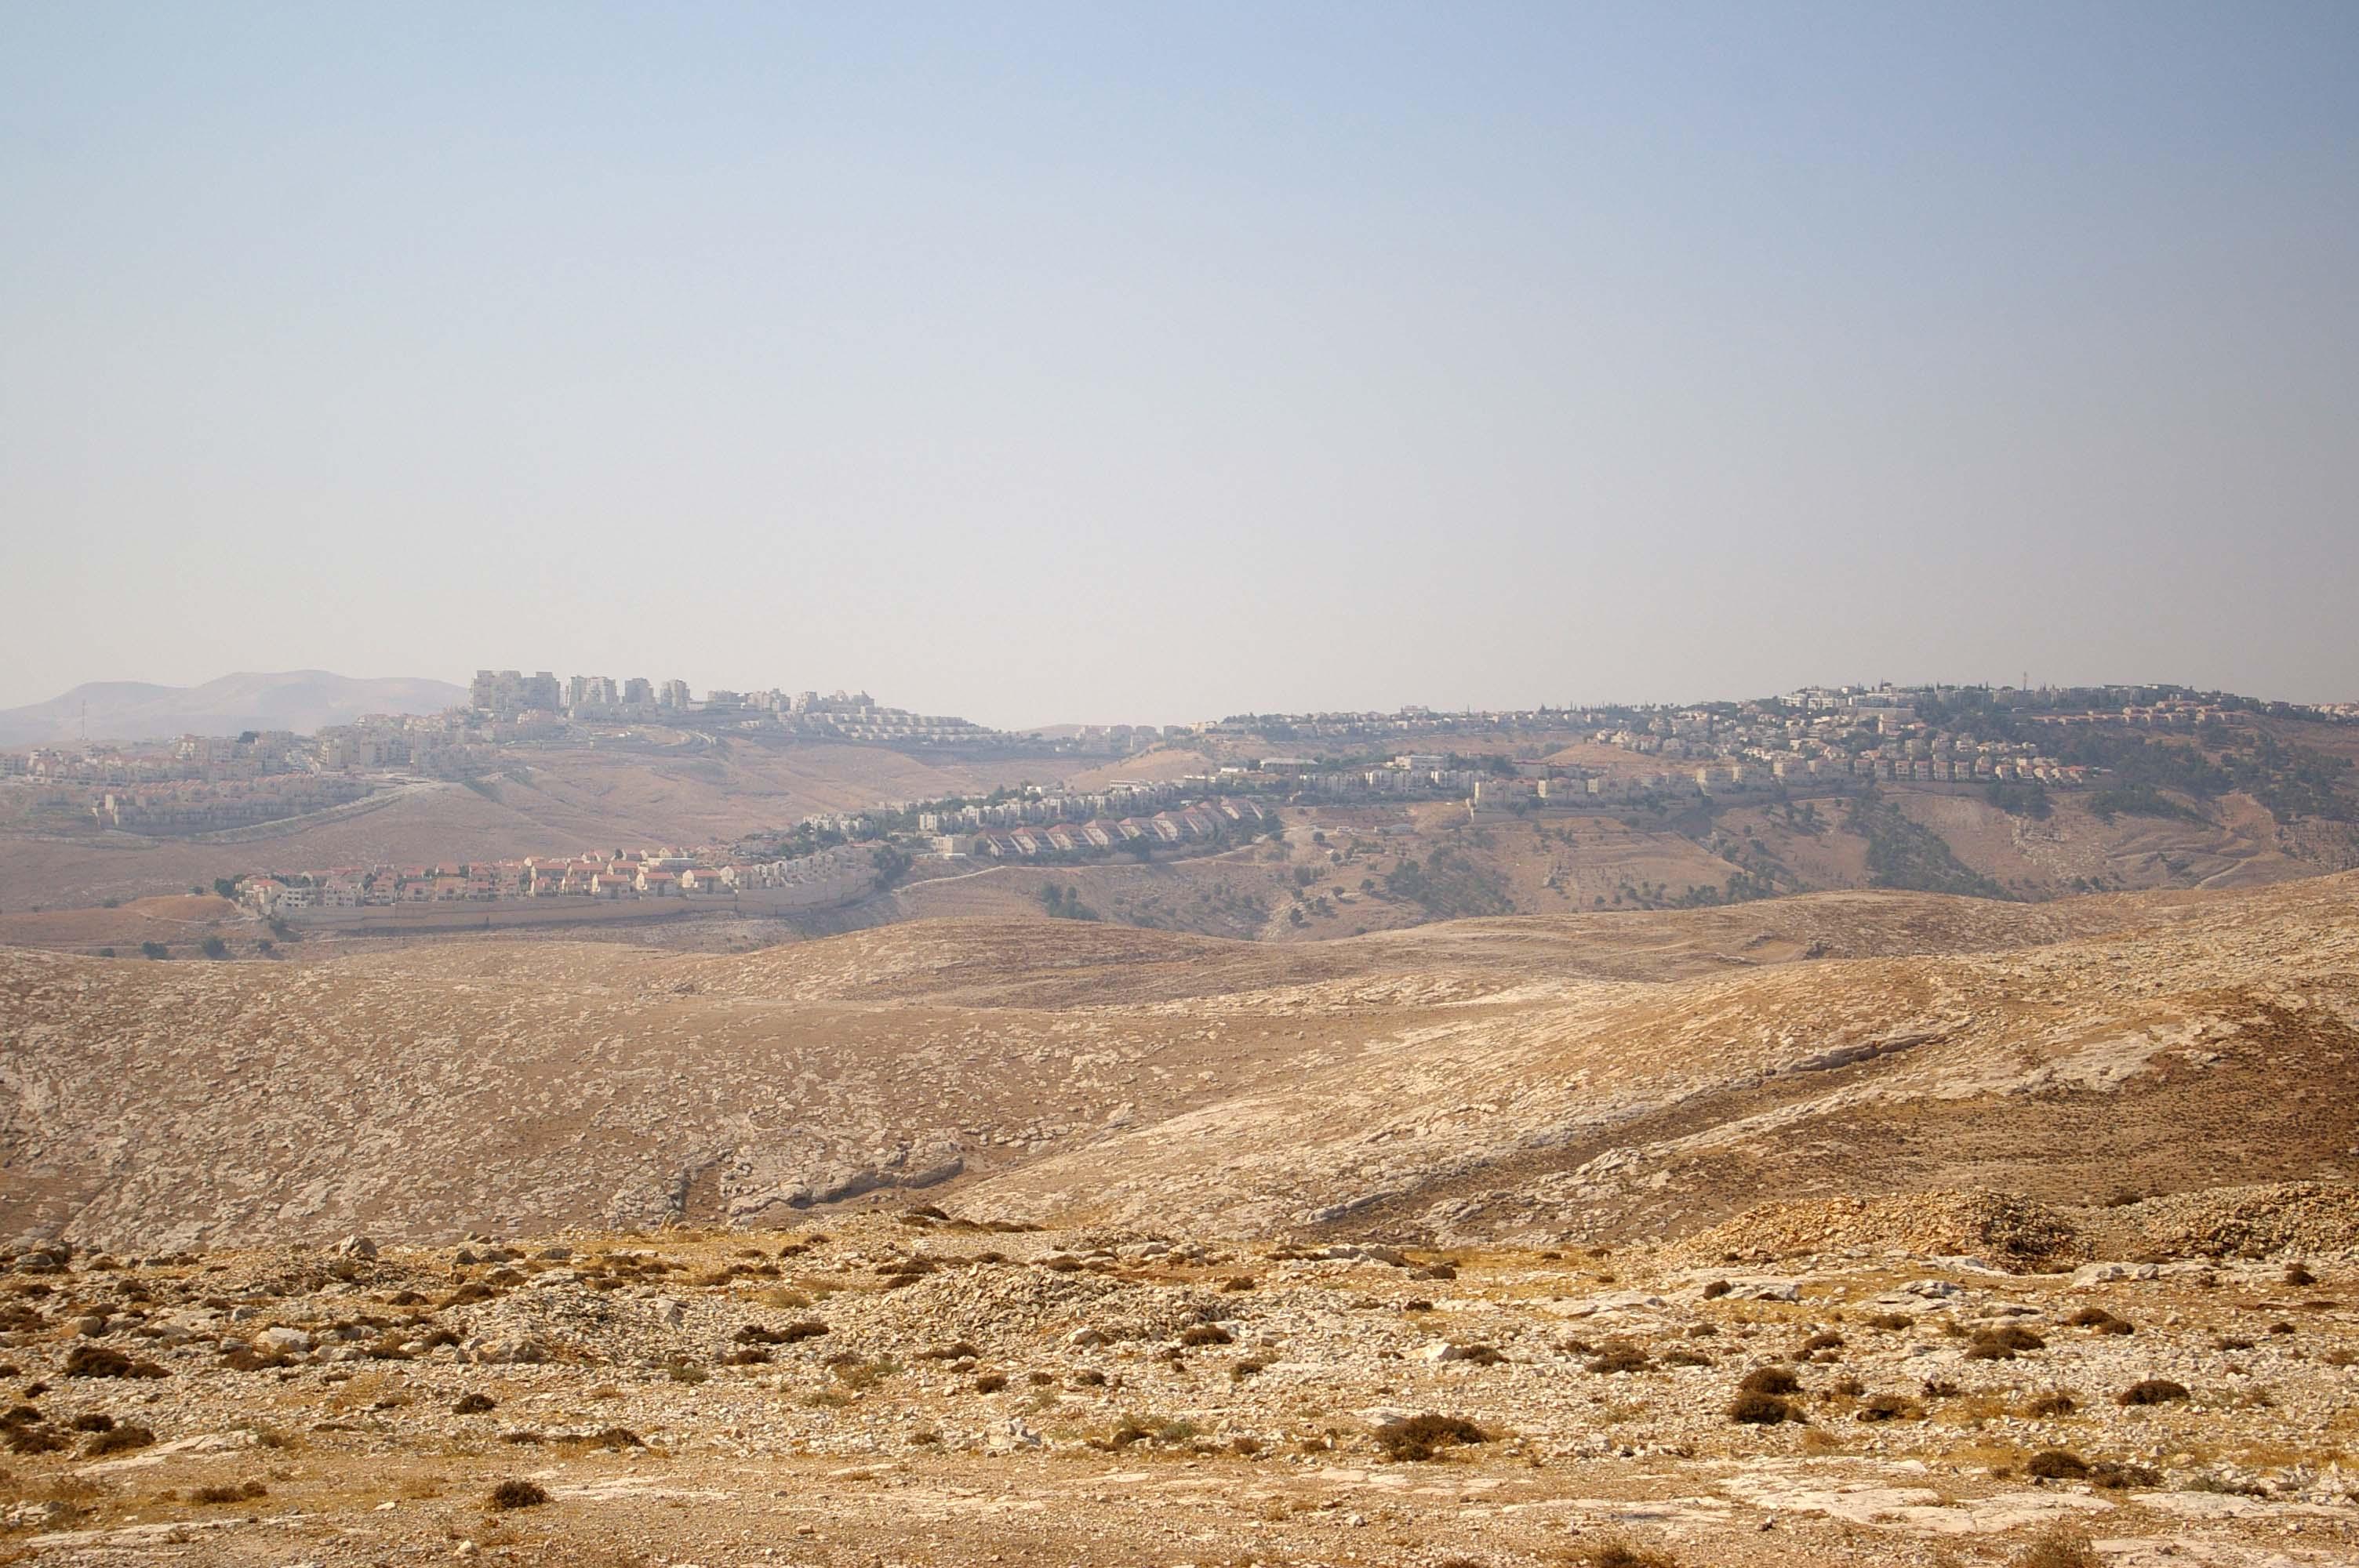 Ma'ale Adummim - photo by Leopold Lambert (4)